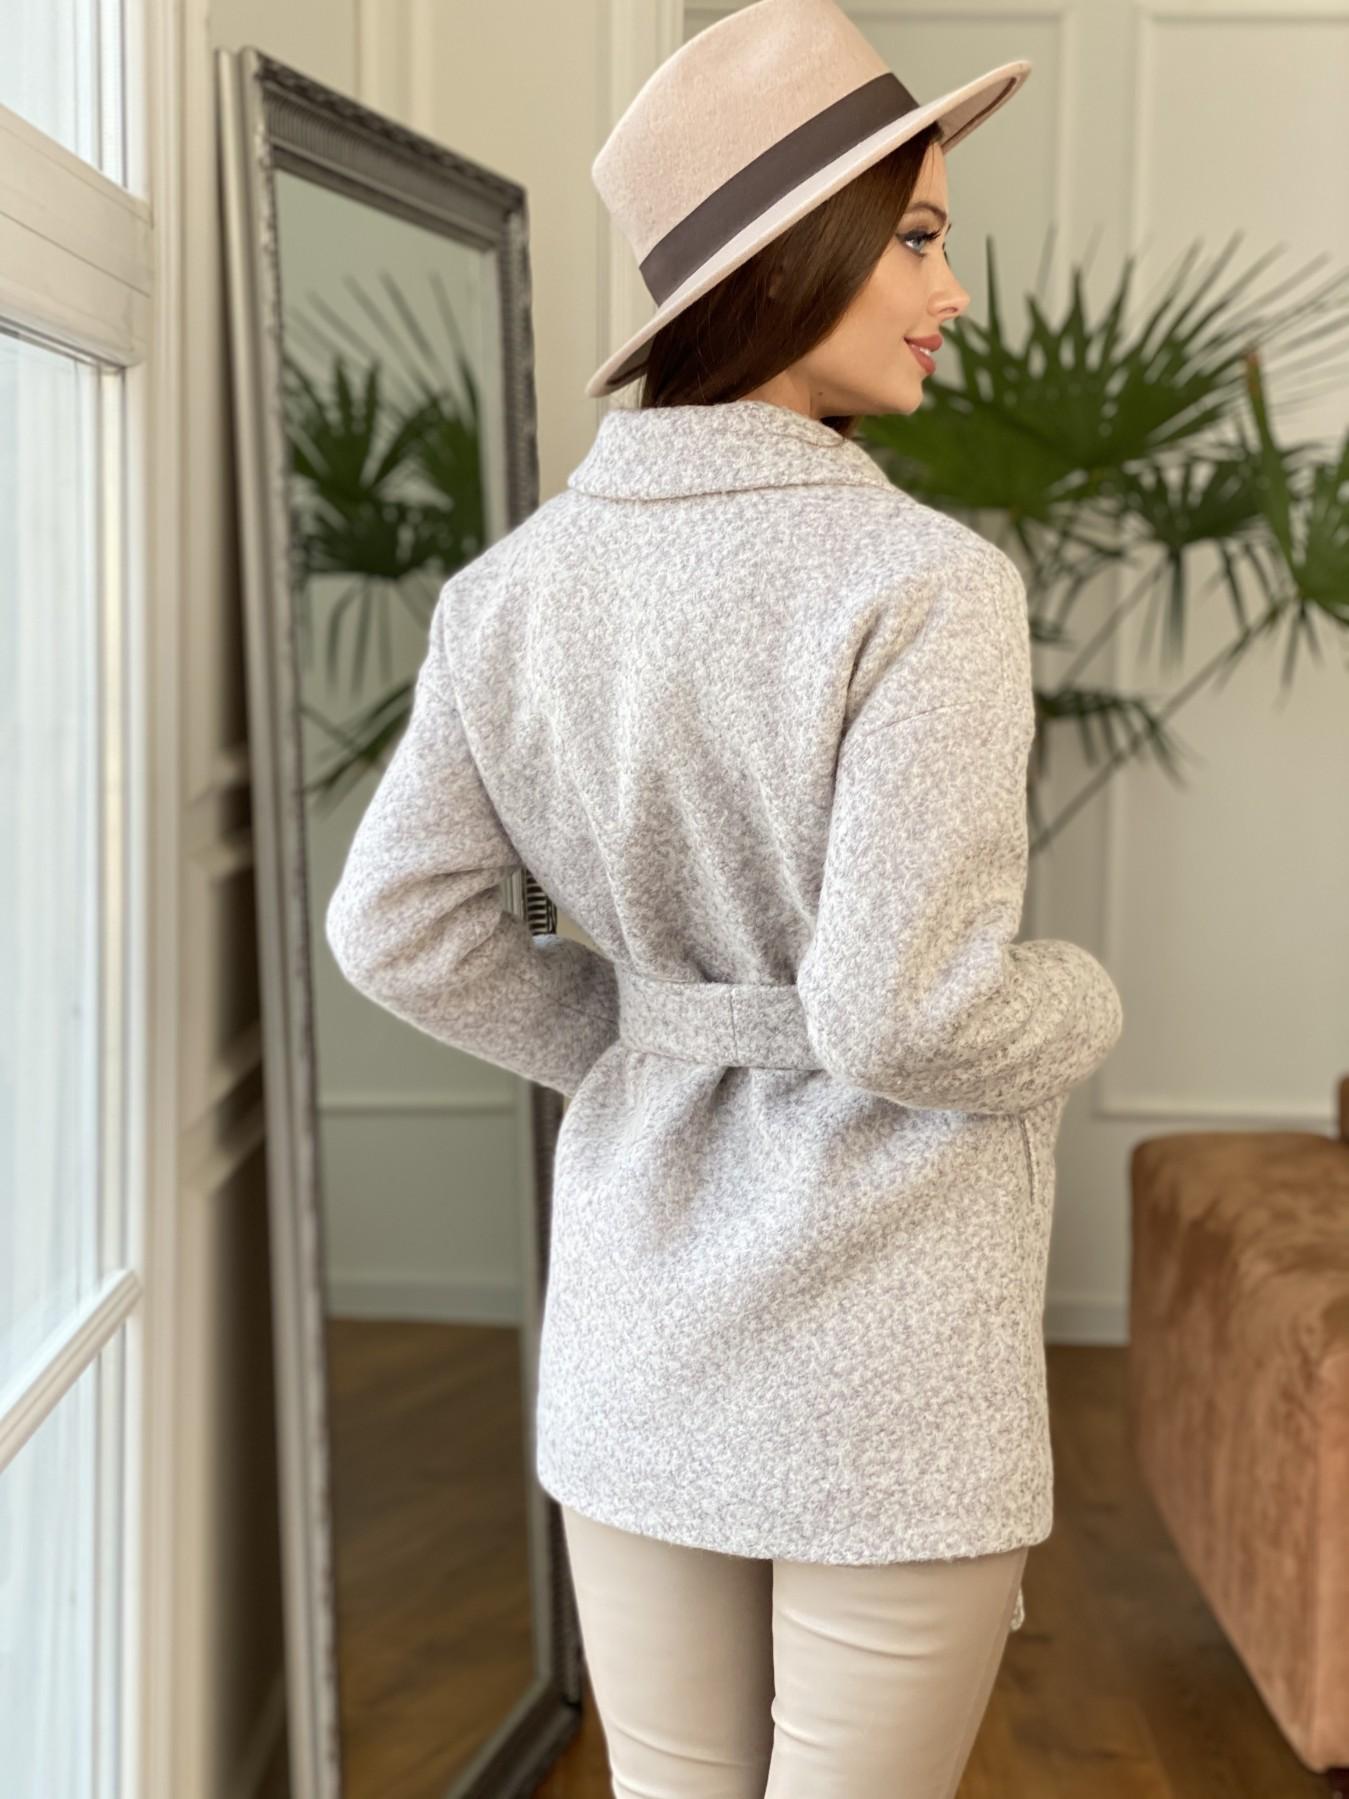 Бонд пальто из шерсти букле  10770 АРТ. 47496 Цвет: Серо-бежевый - фото 7, интернет магазин tm-modus.ru